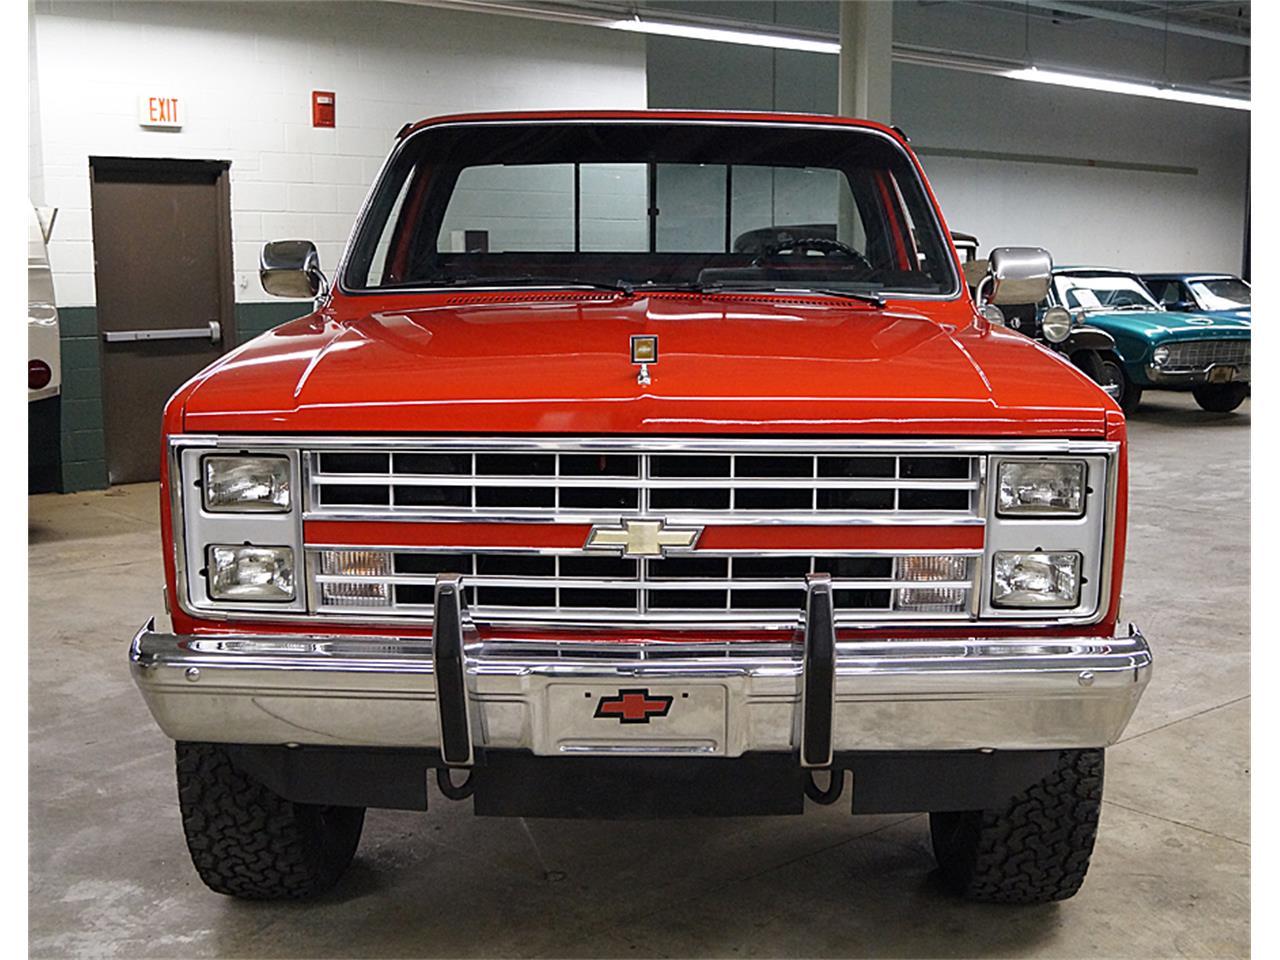 Large Picture of '86 Chevrolet Silverado located in Ohio - $21,500.00 - M6LJ